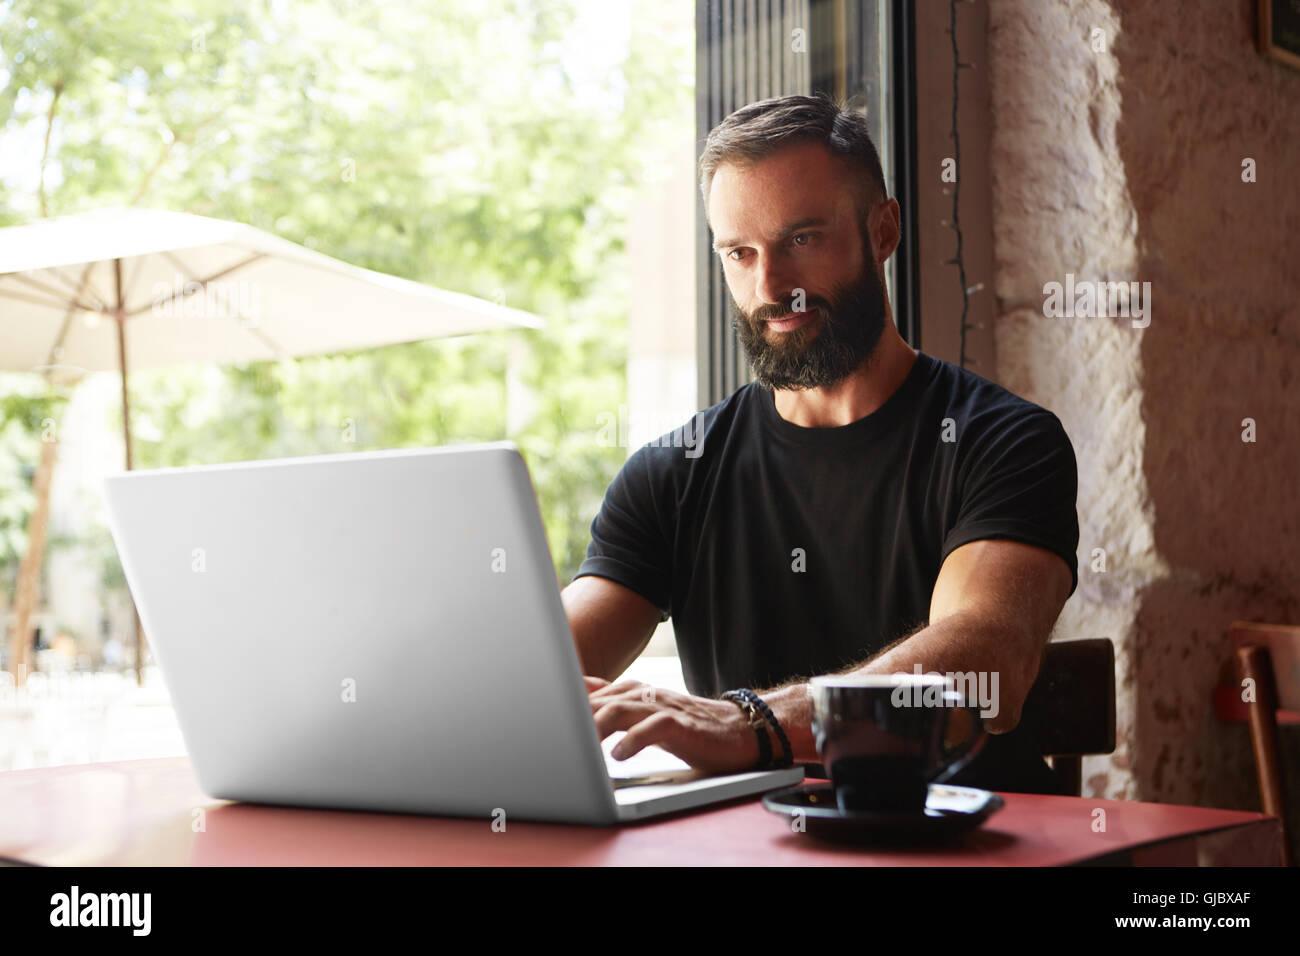 Handsome Businessman Wearing Barbu Tshirt noir pour ordinateur portable Table de travail bois urbains Cafe.Jeune Photo Stock